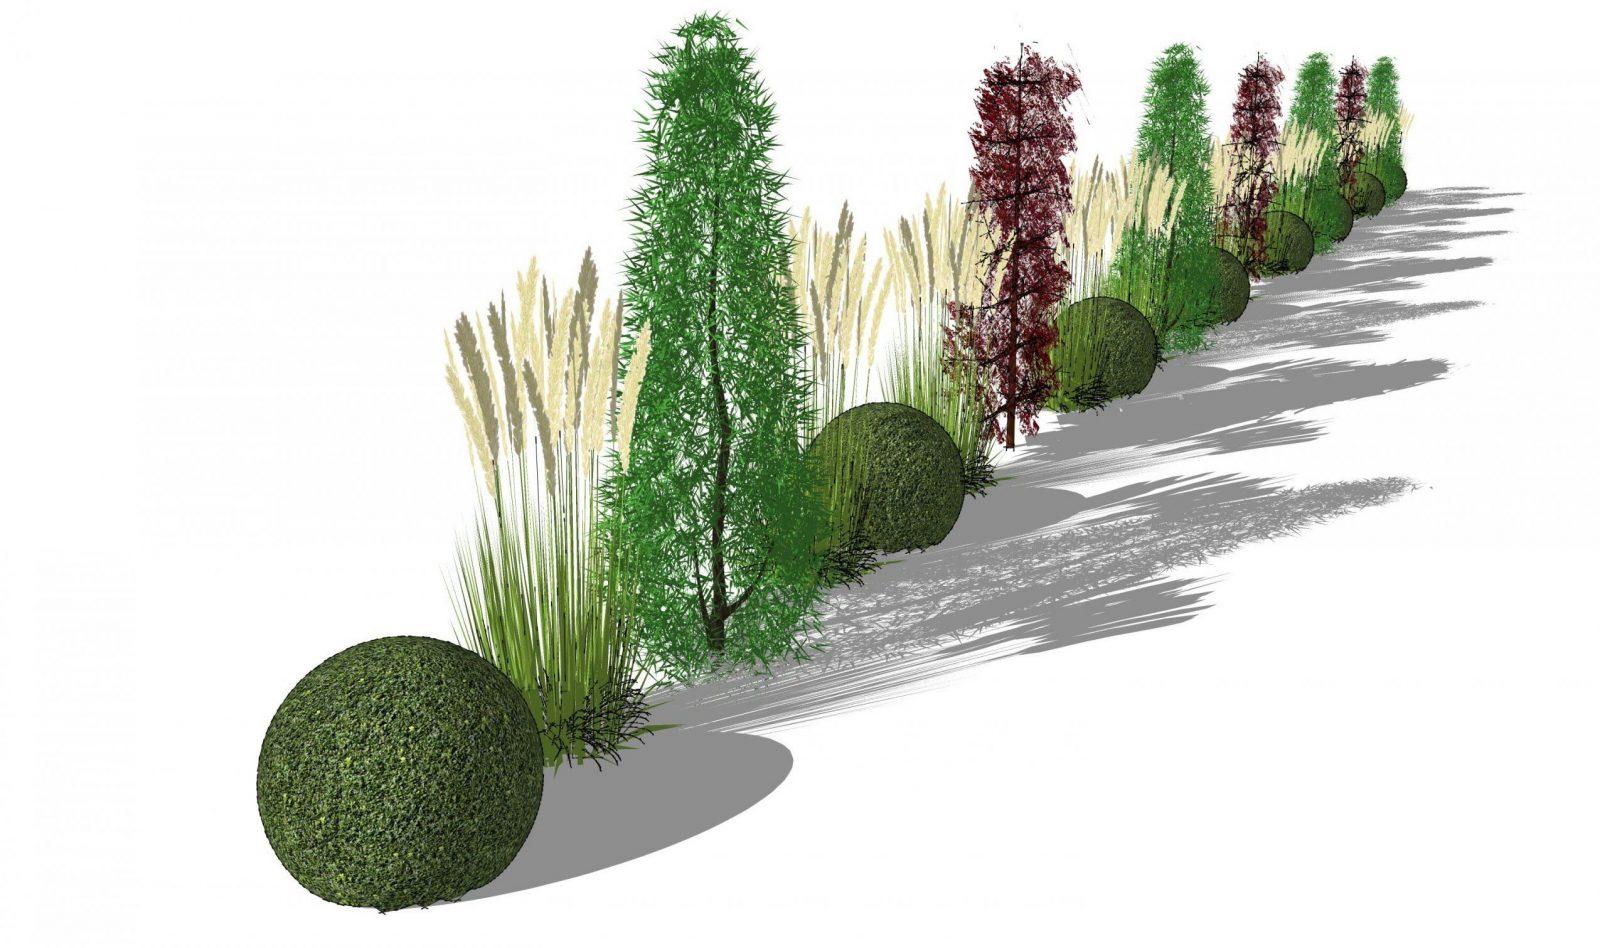 Säulenbäume Und Gräserhecke von Schmale Hecke Als Sichtschutz Photo